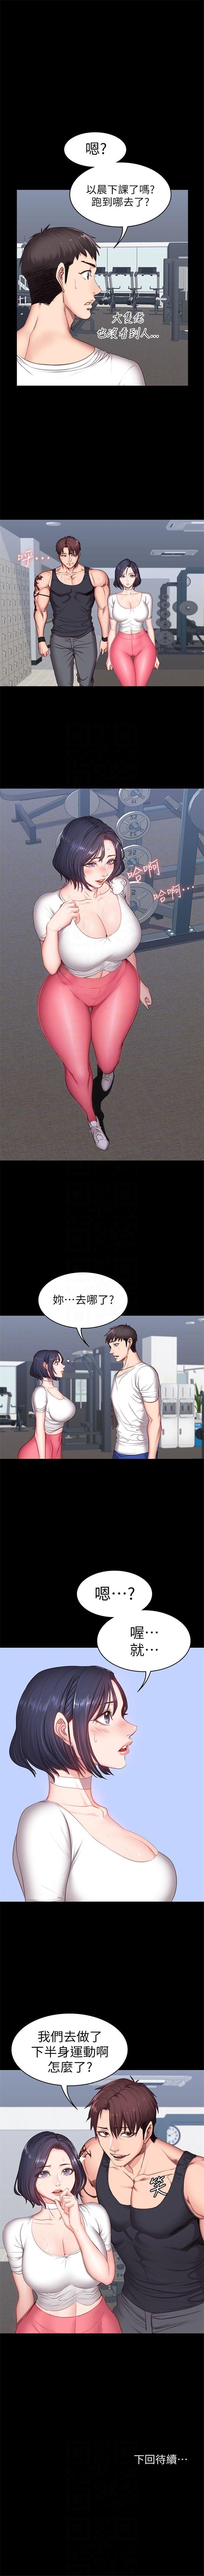 (周3)健身教练 1-29 中文翻译 (更新中) 67